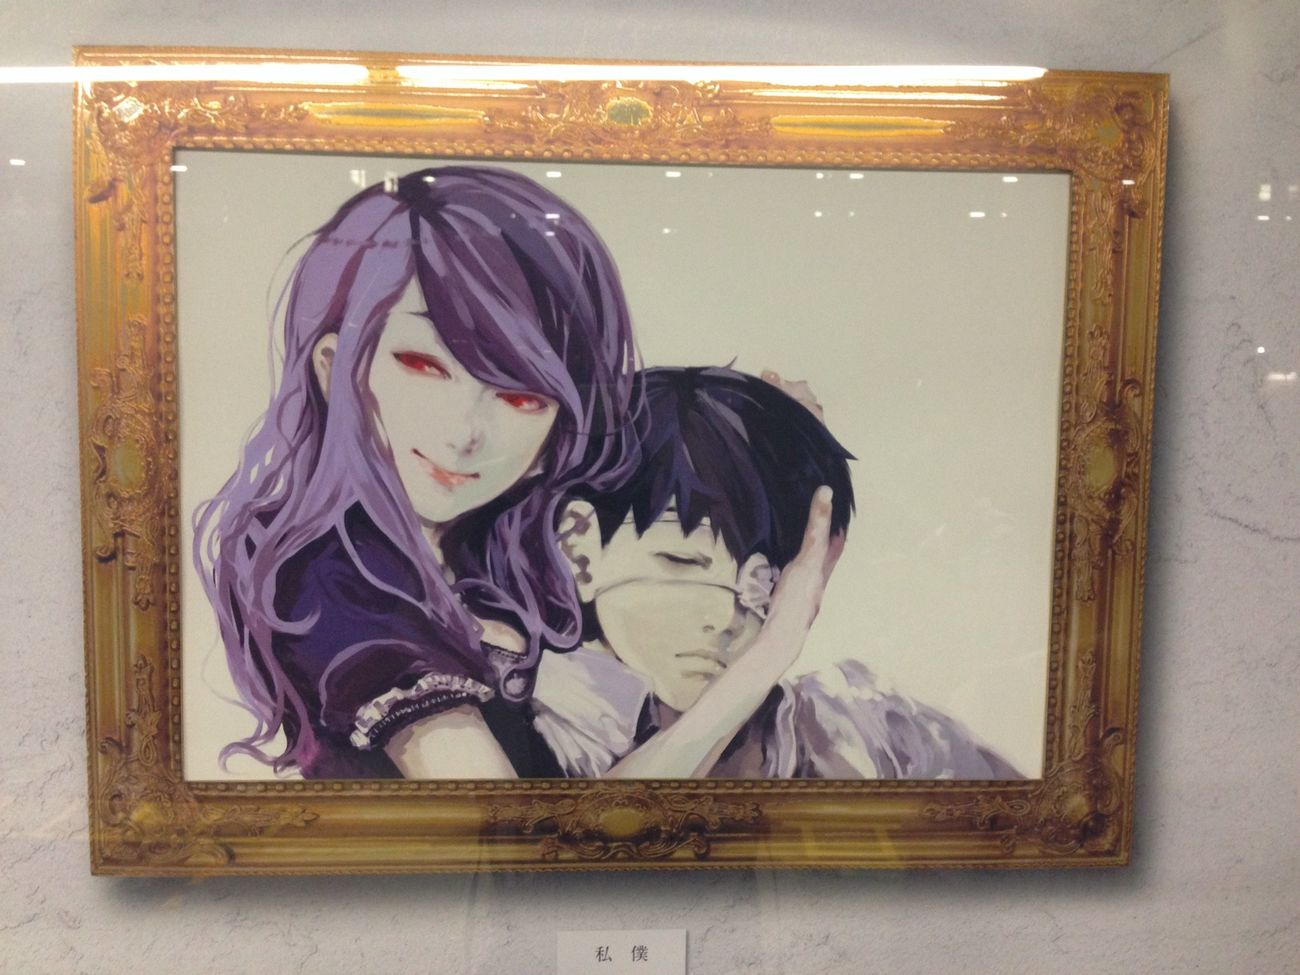 品川 東京喰種 原画展示